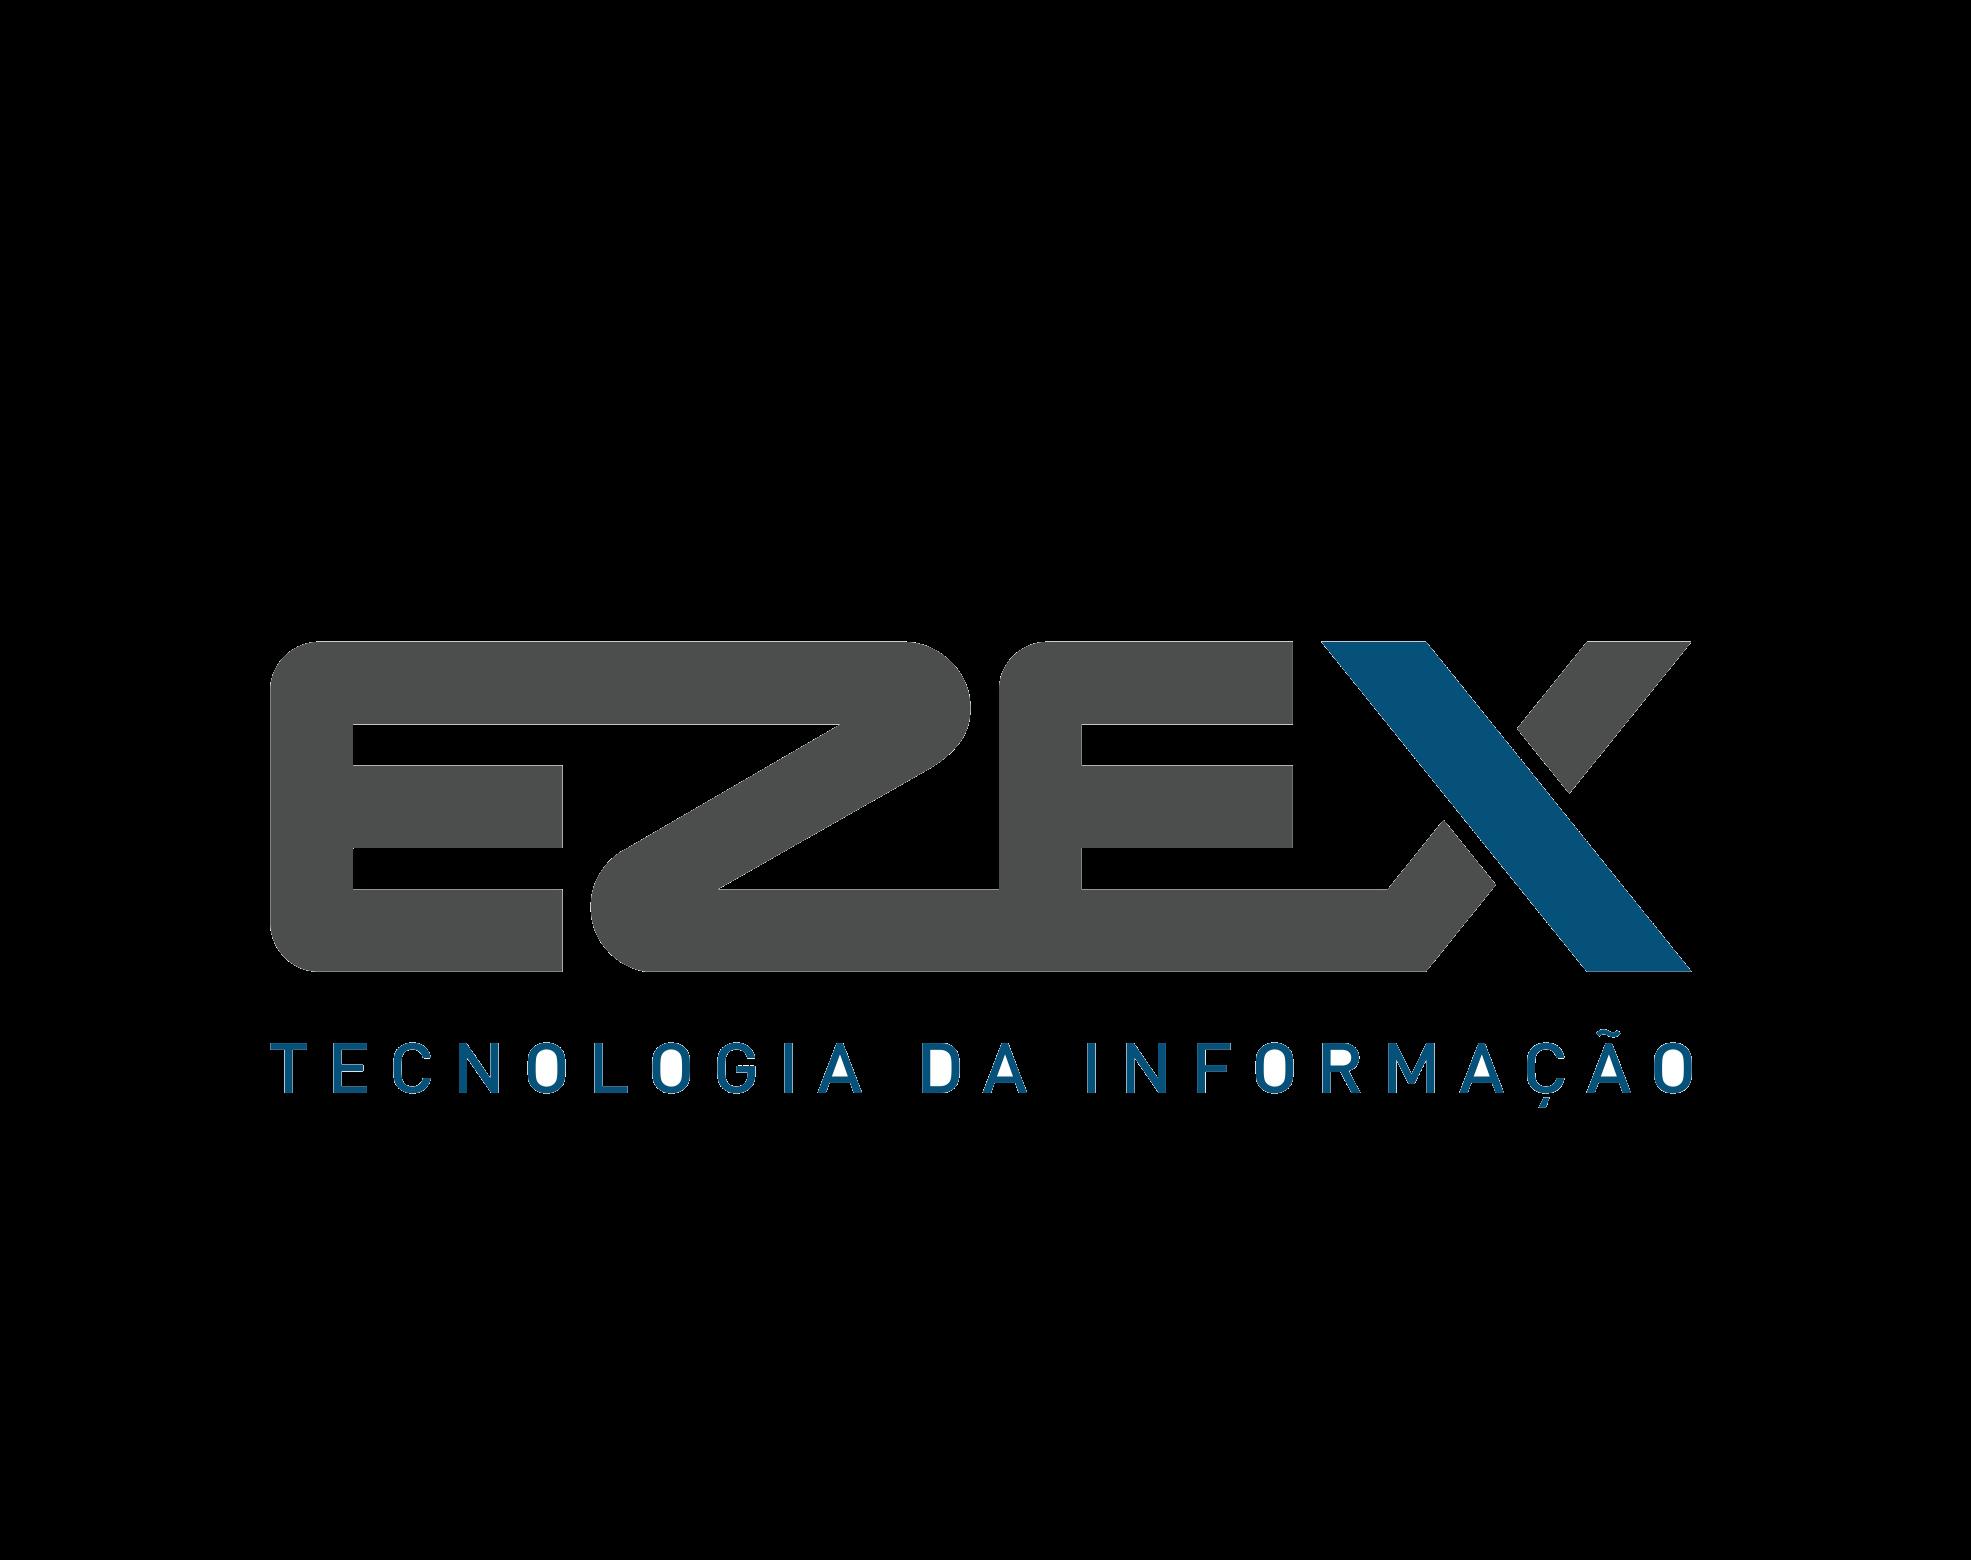 Ezex Tecnologia da Informação